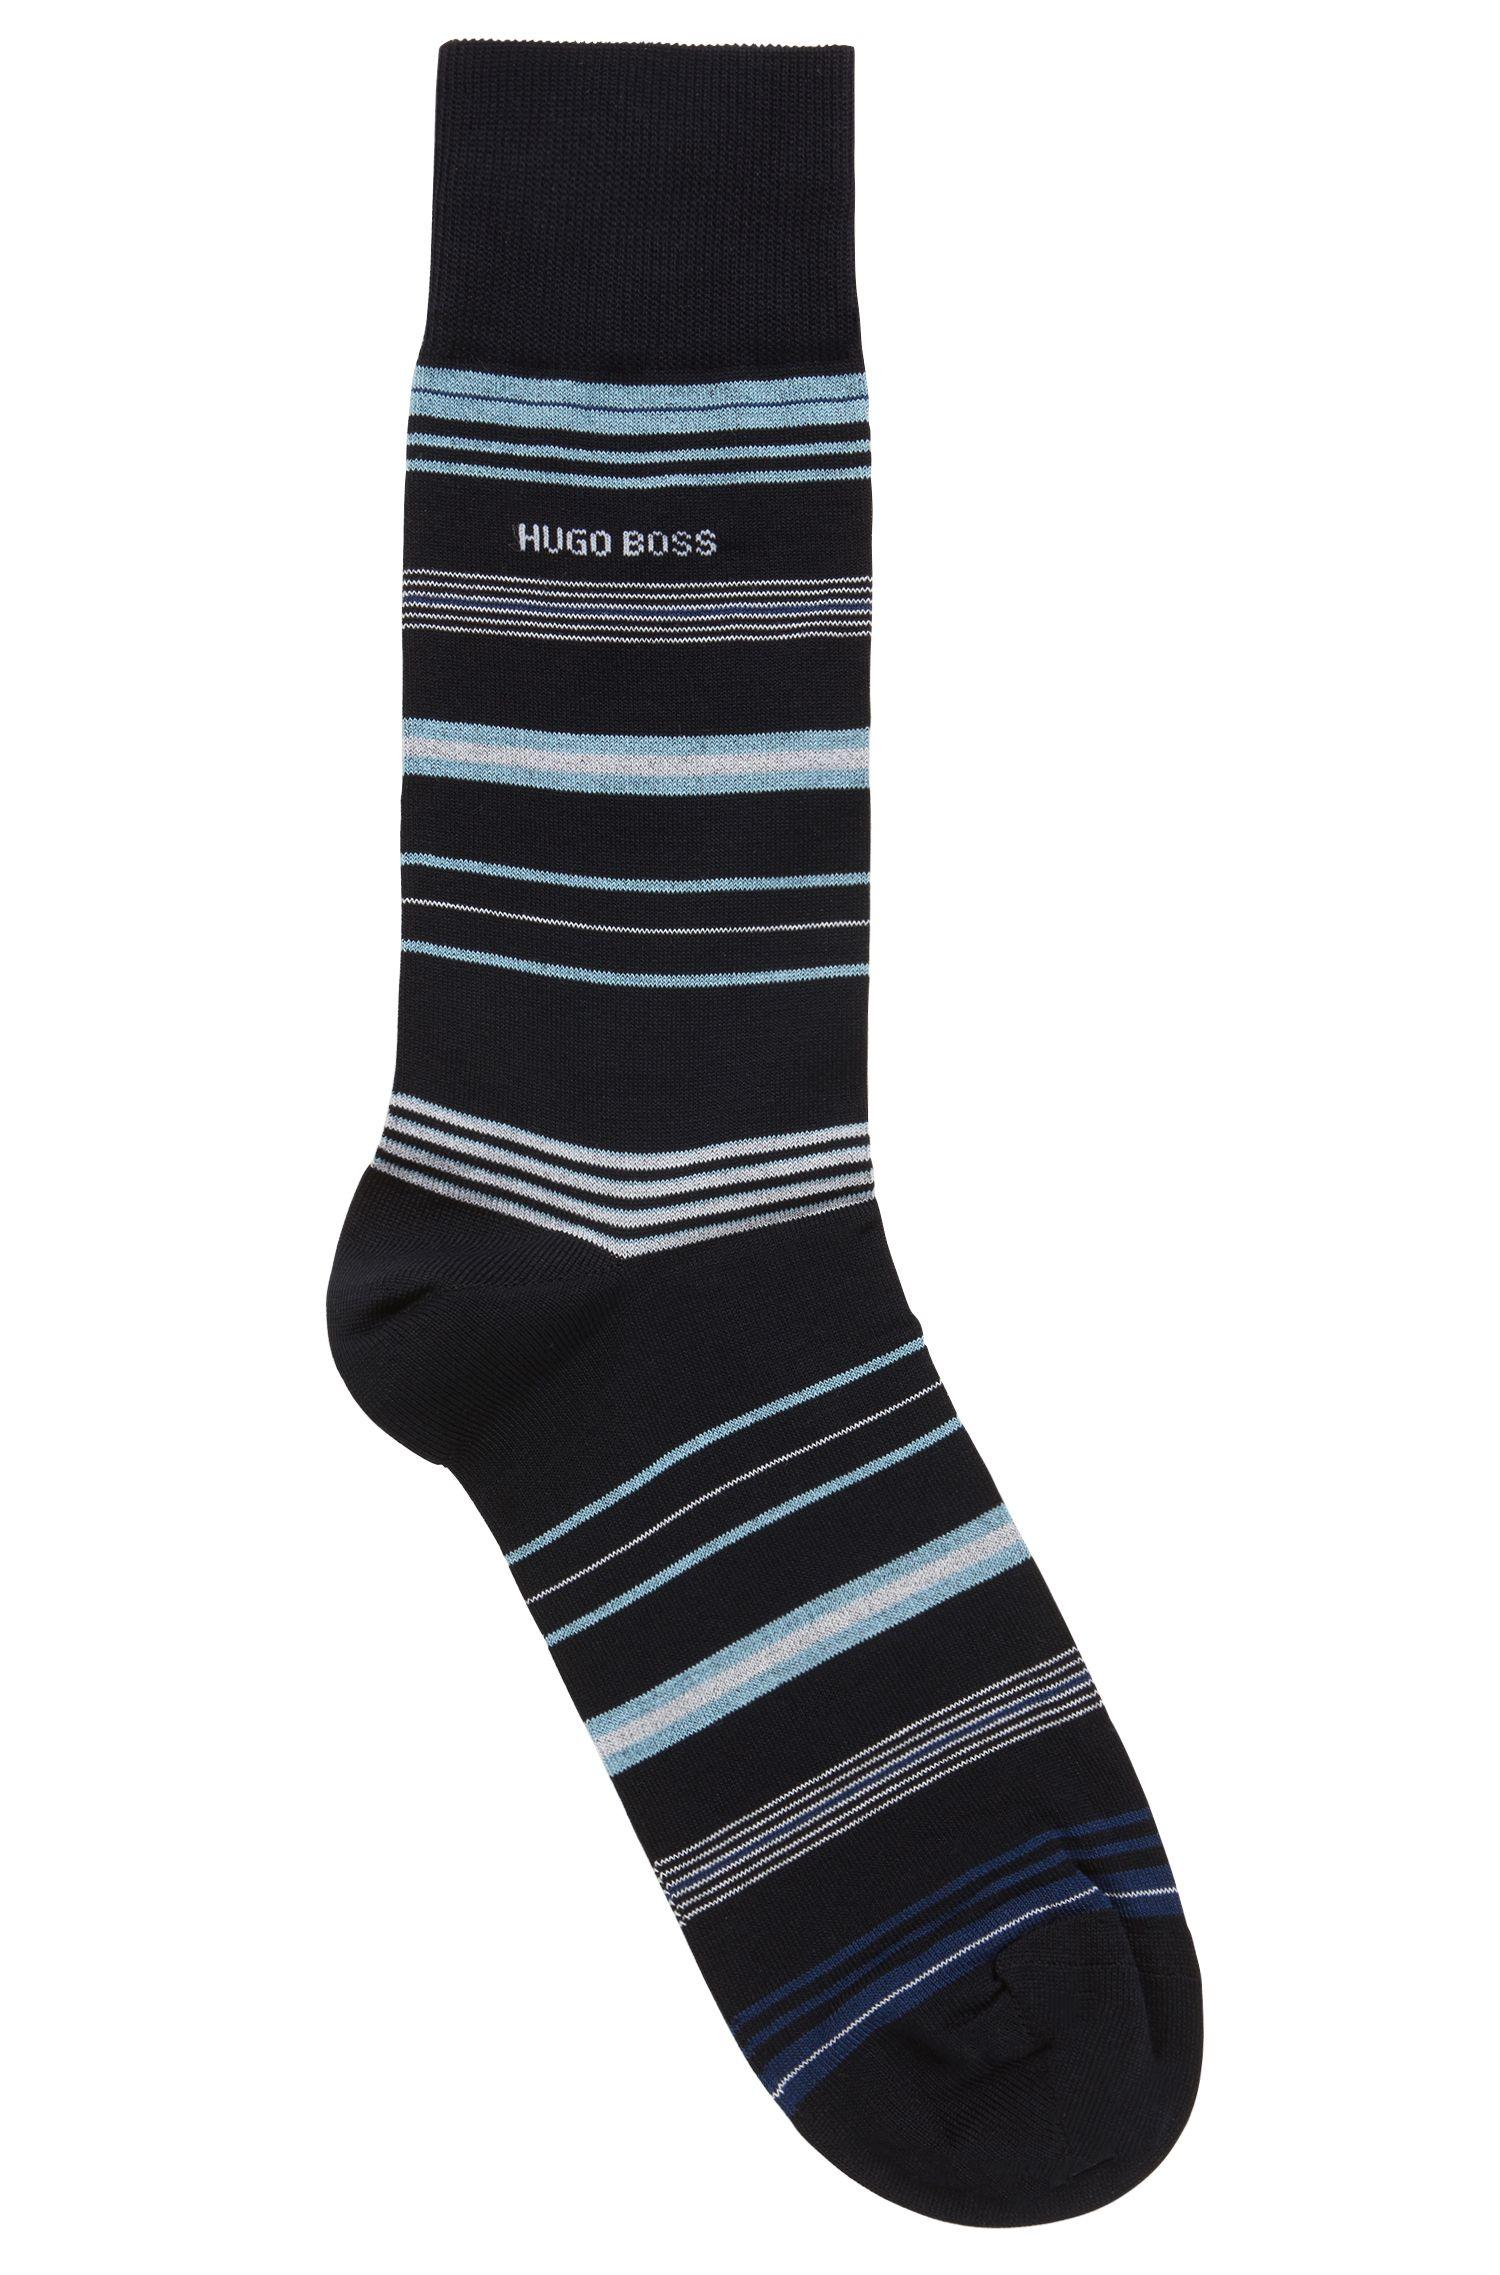 Chaussettes à rayures en coton stretch mélangé mercerisé, Bleu foncé